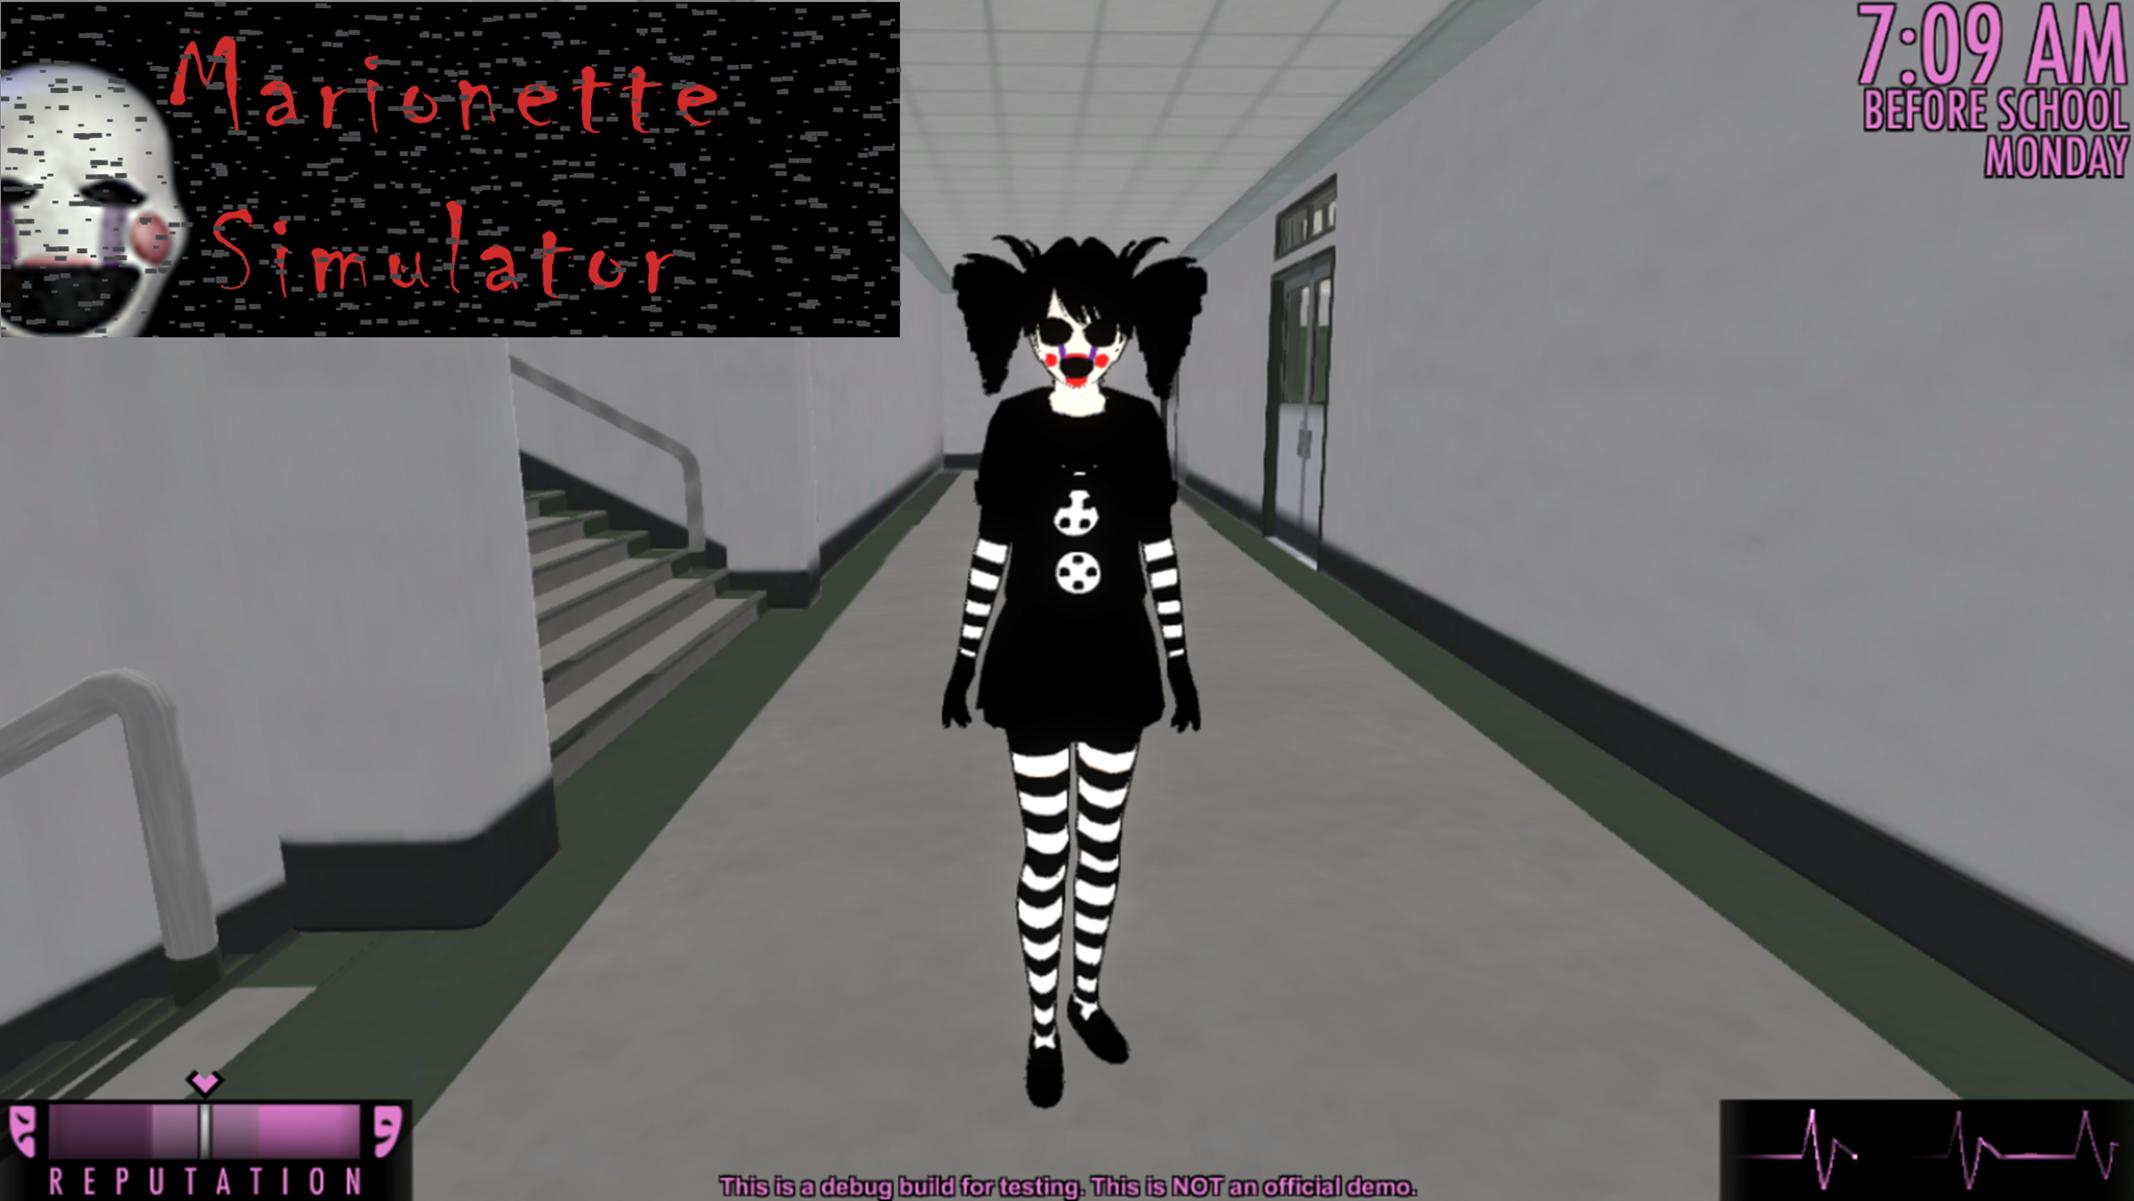 Yandere simulator 1980s mod v5 download link! Youtube.